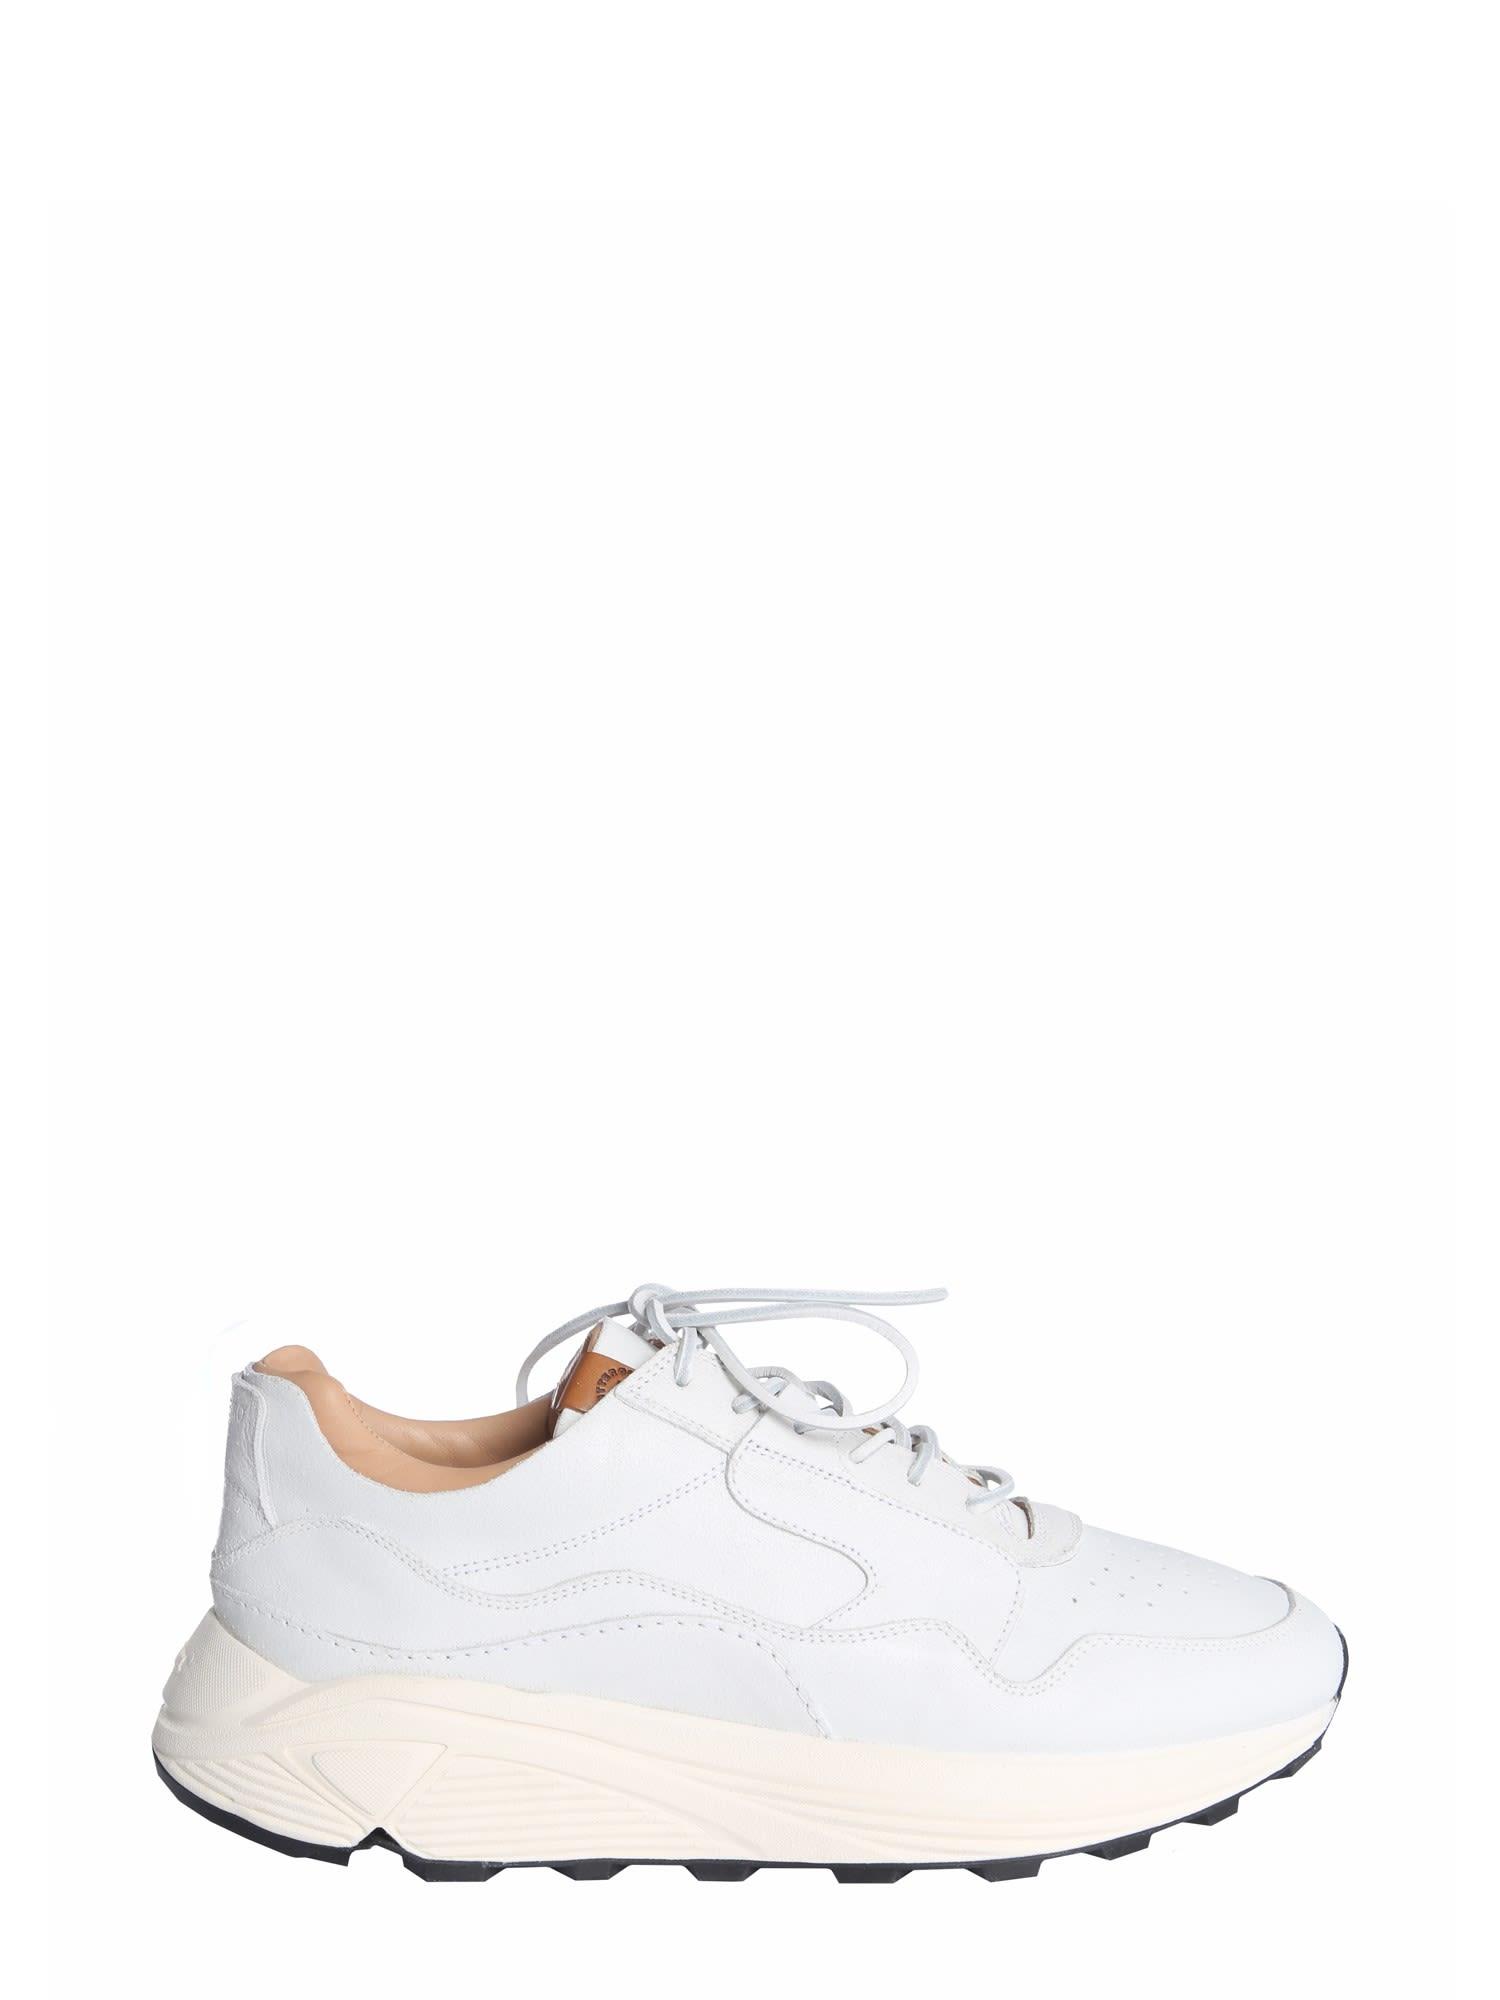 Buttero Vinci Running Sneakers